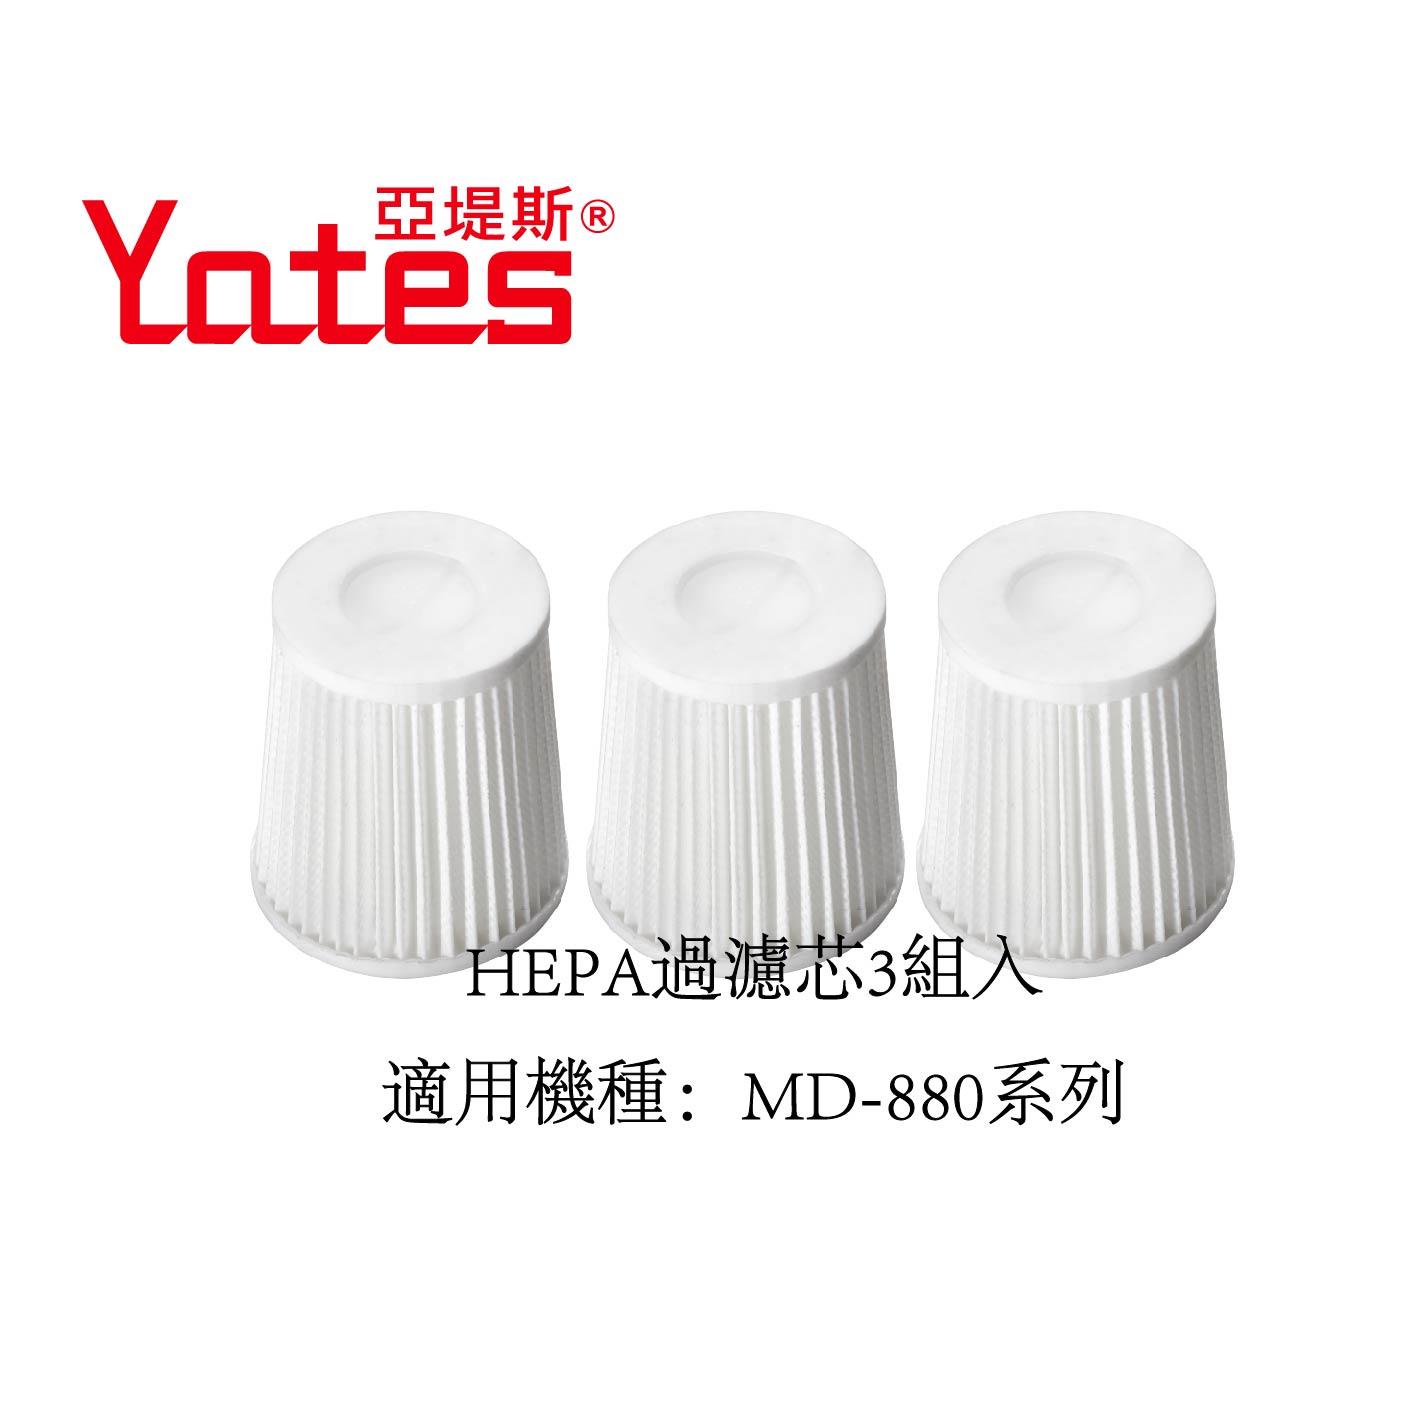 台灣品牌Yates亞堤斯MD-880系列專用HEPA濾芯(3組入)